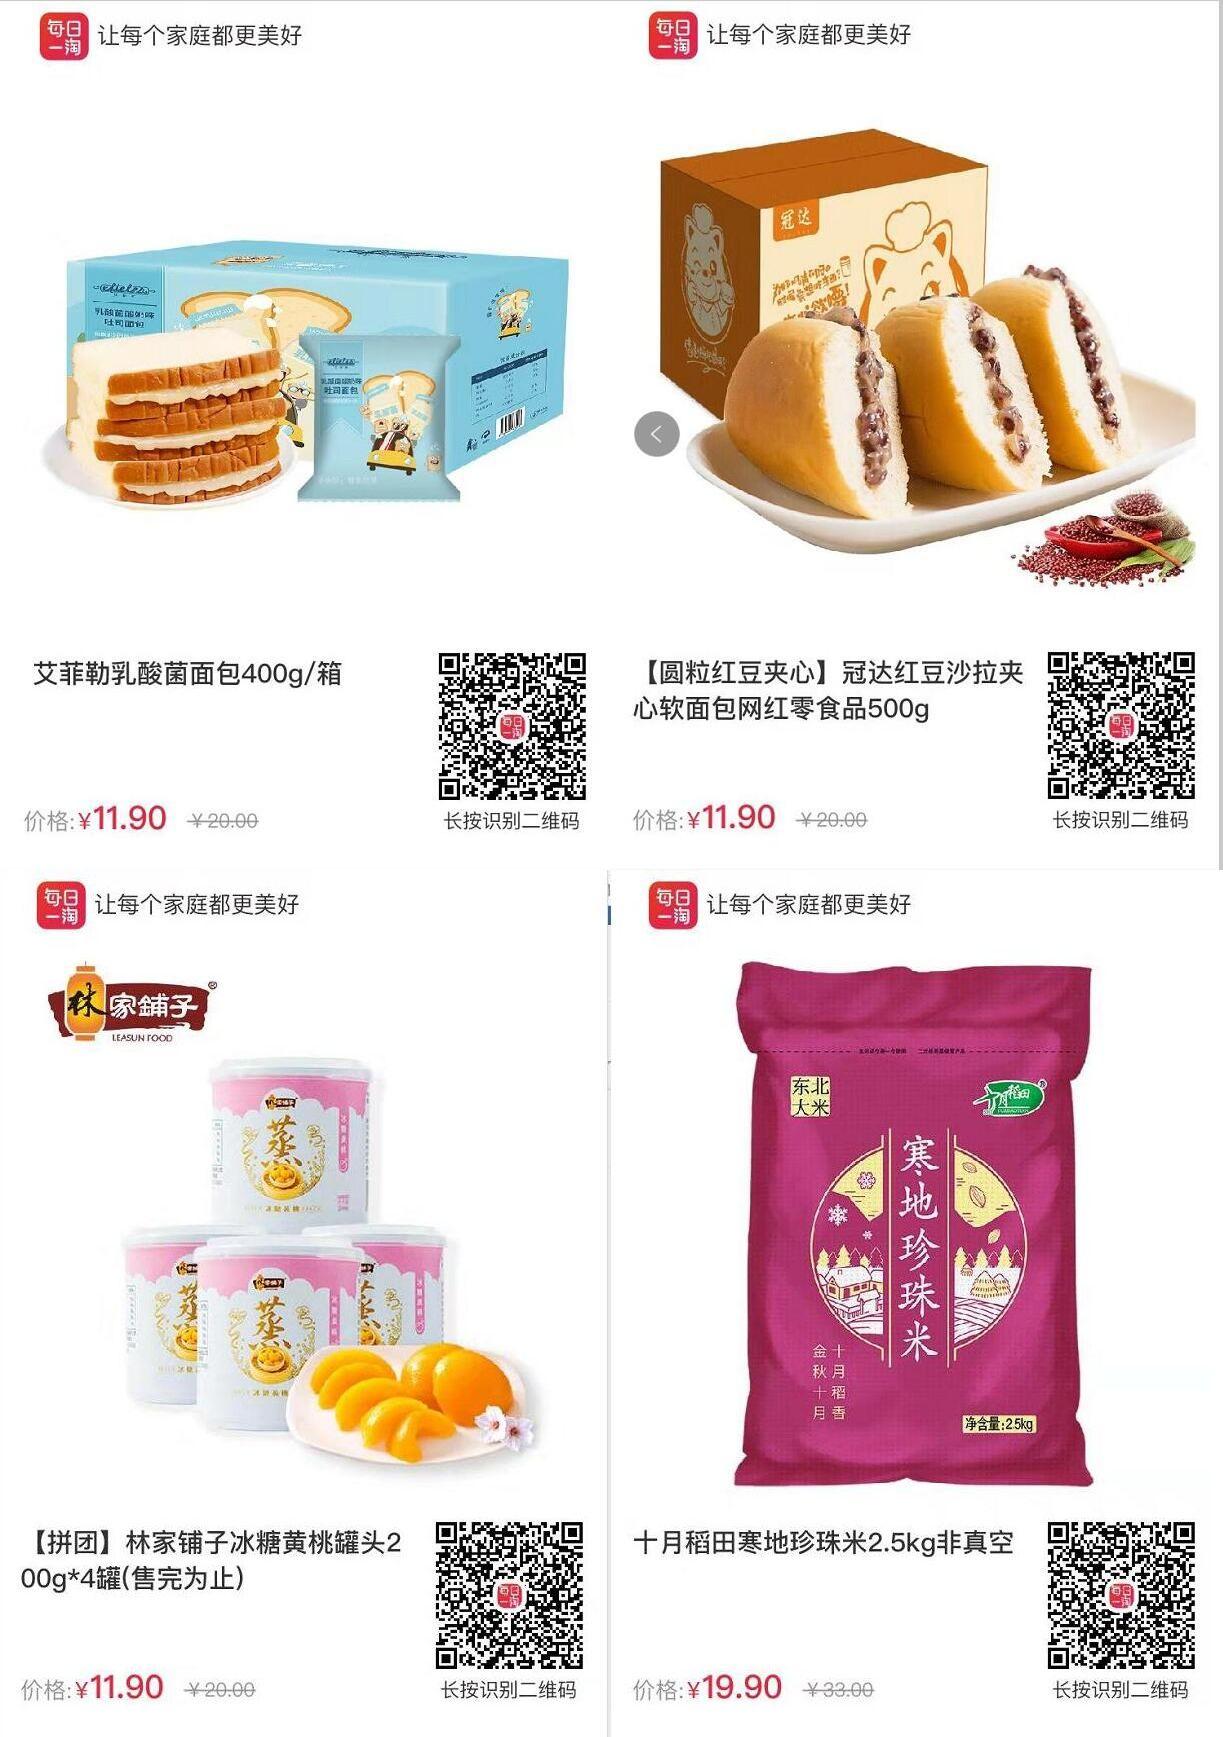 每日一淘小程序领取10元券1.9元低价购买面包零食 免费实物 活动线报  第4张